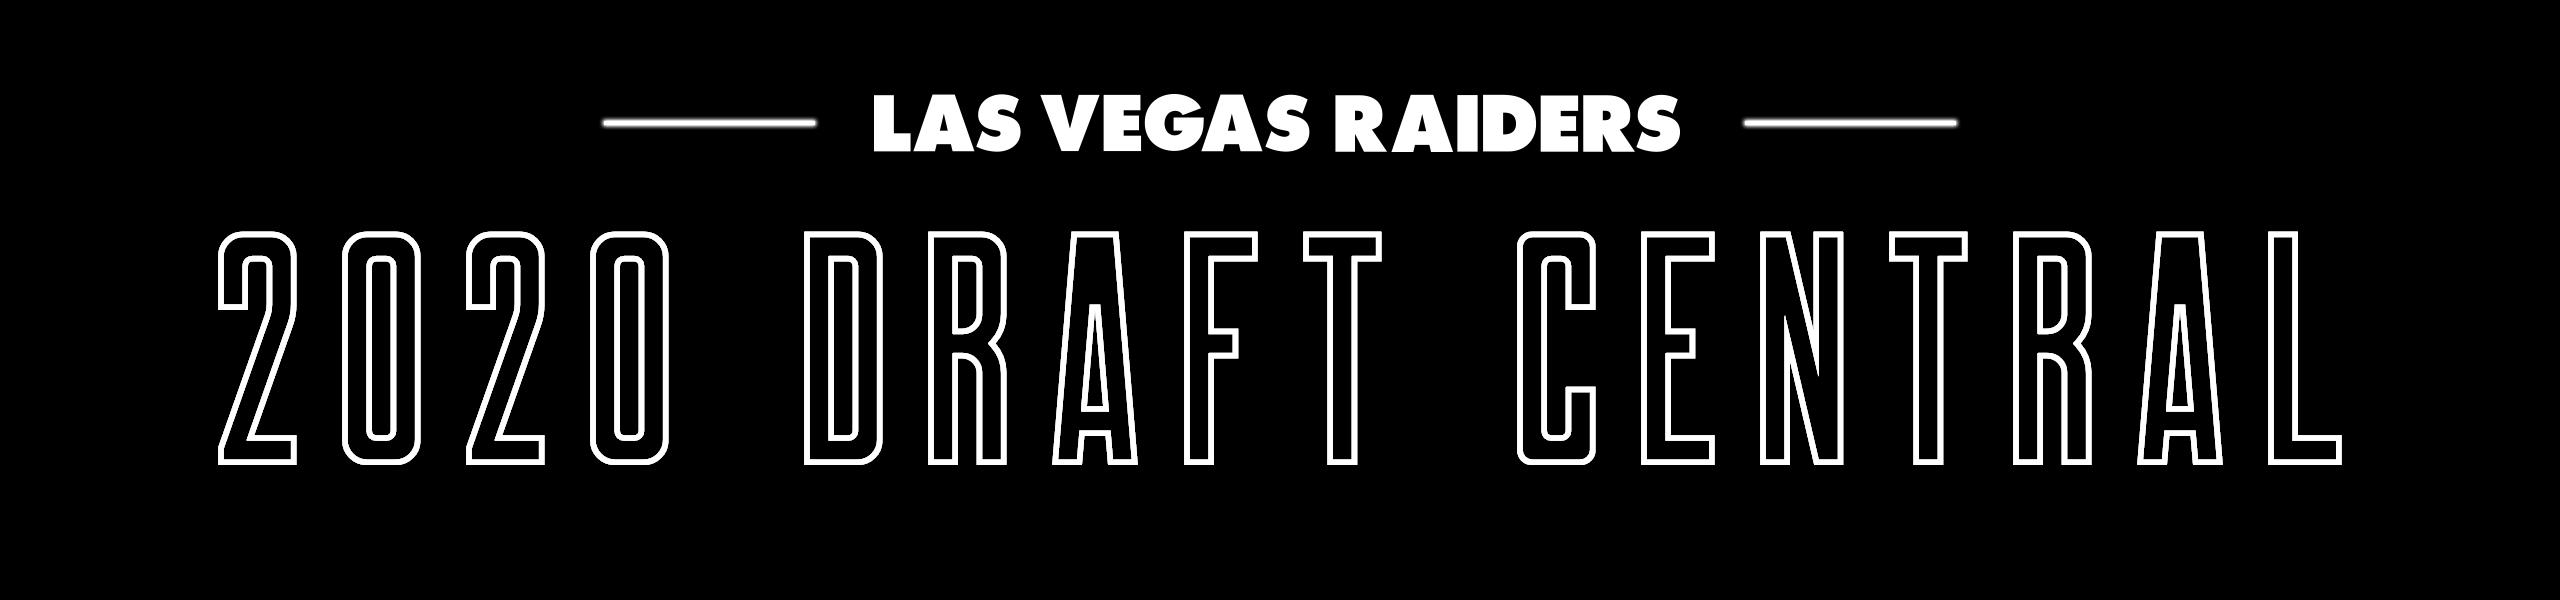 2020 Las Vegas Raiders Draft Central Raiders Com